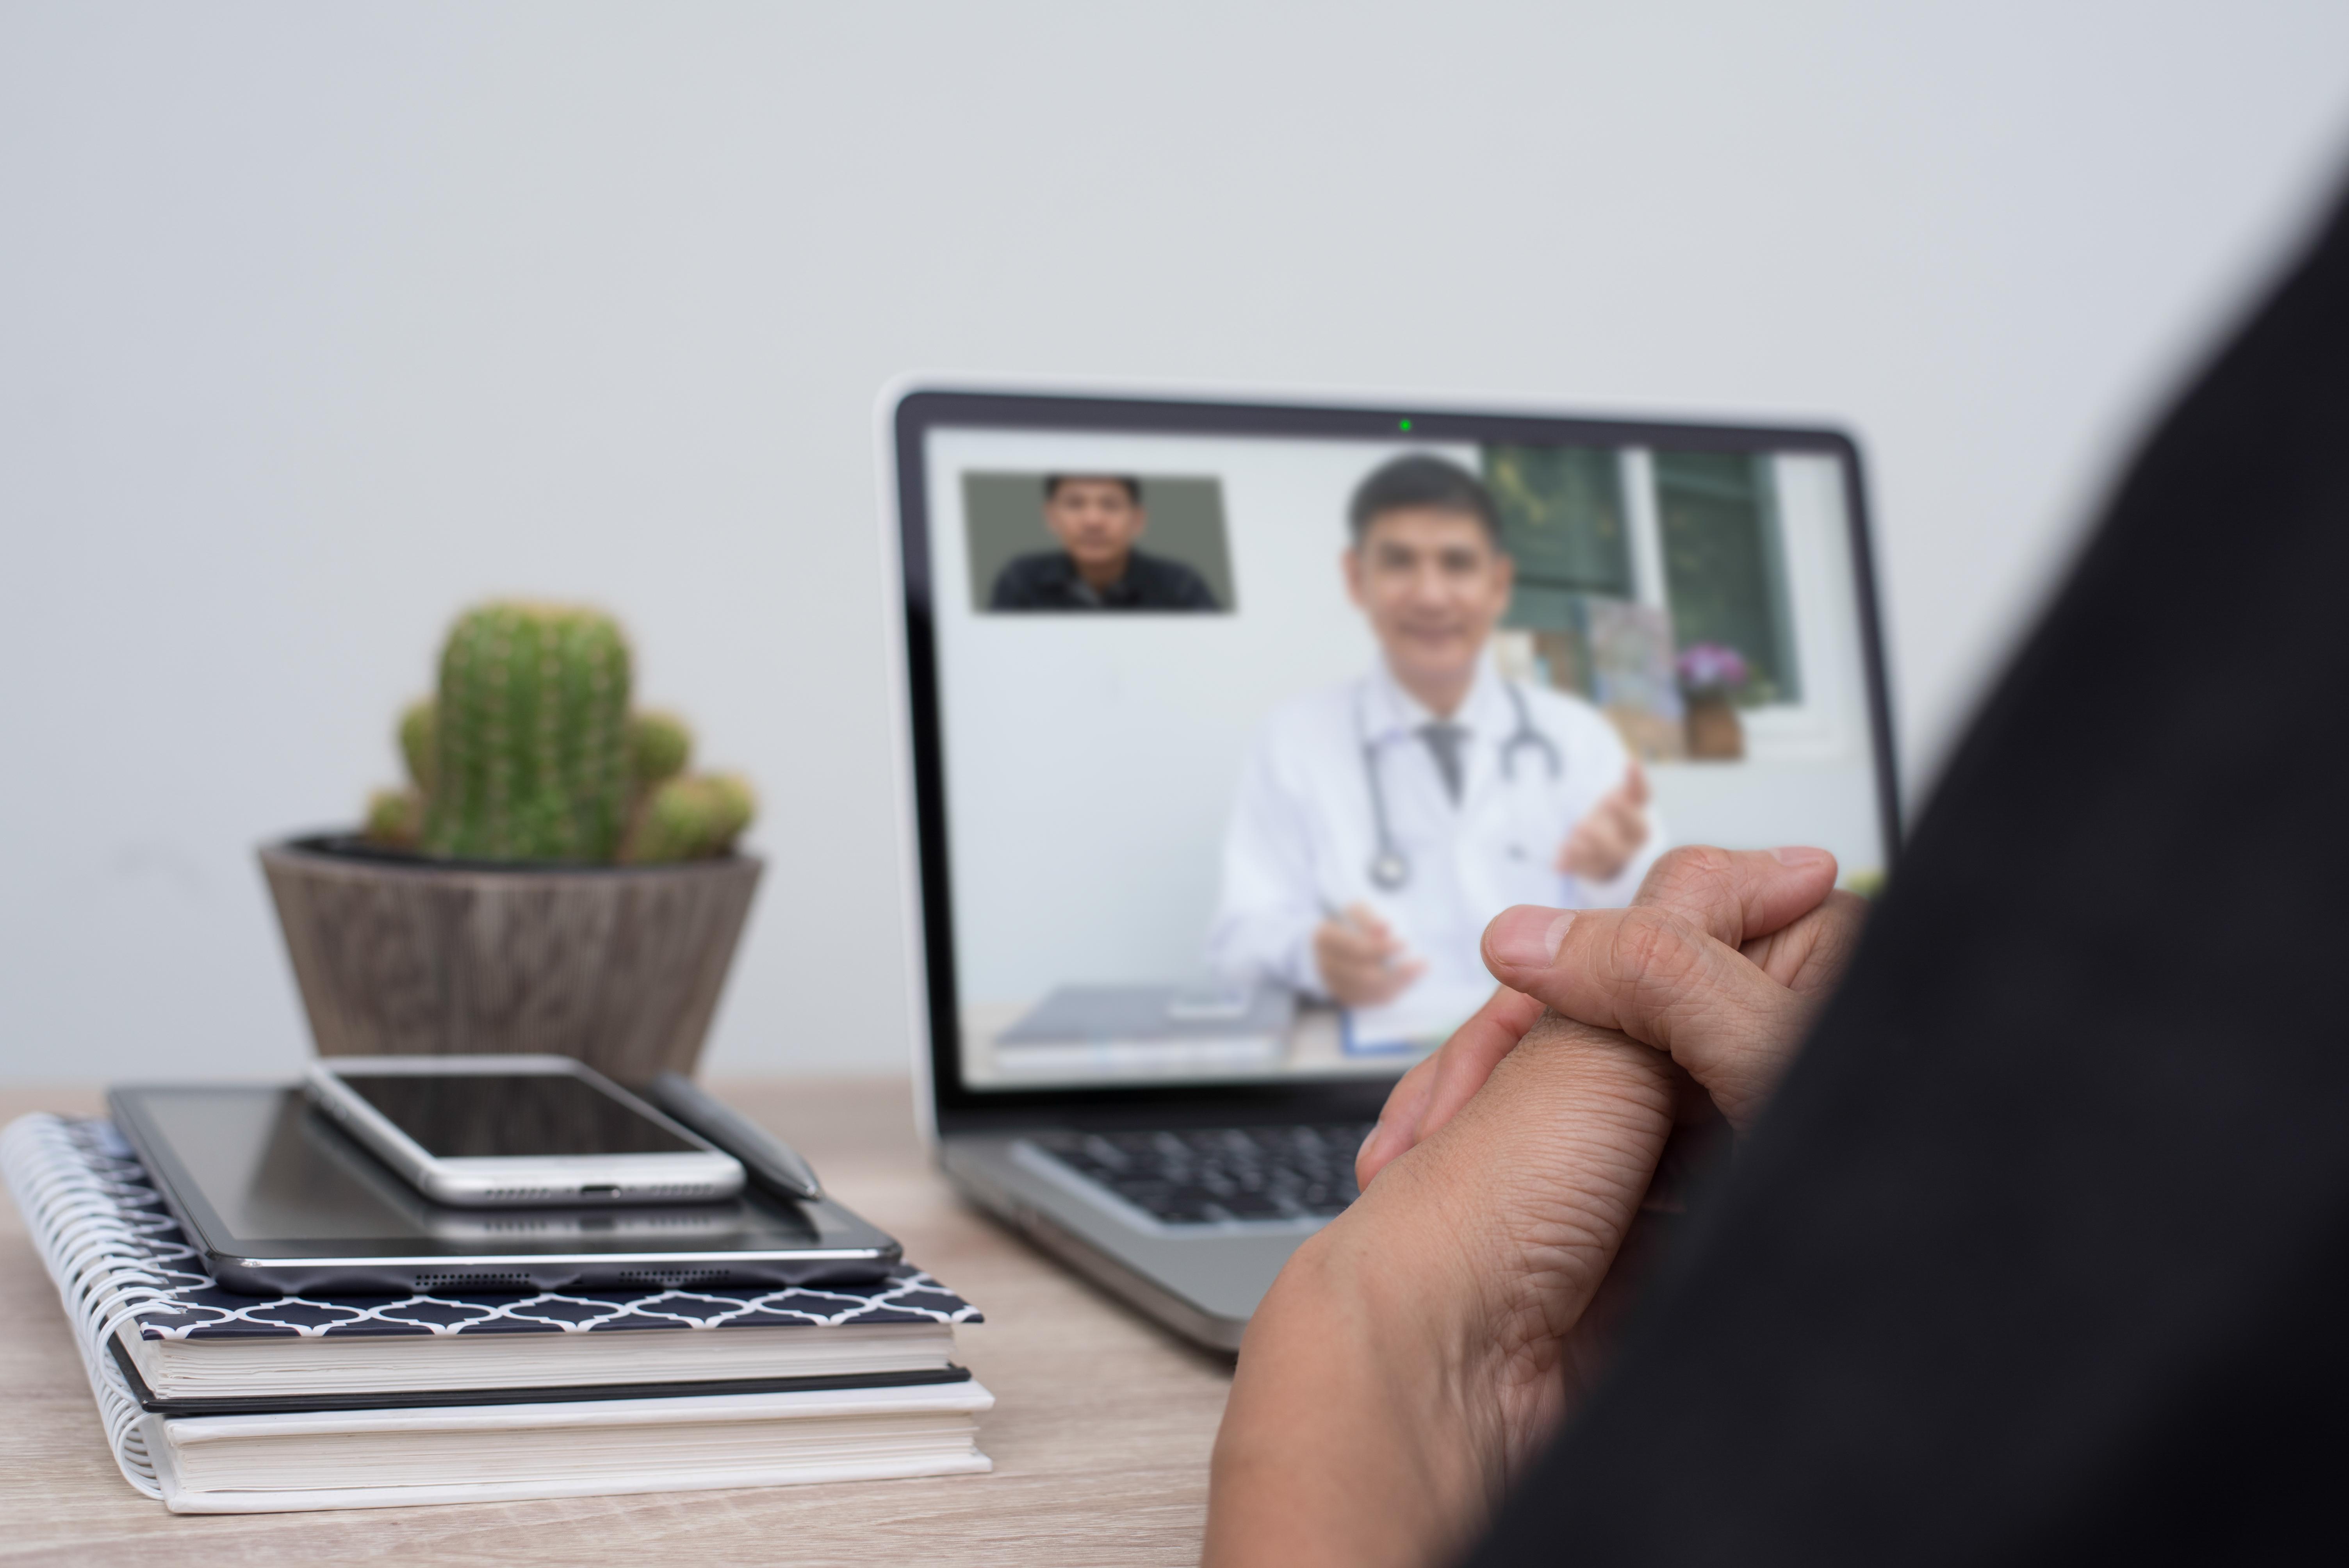 Många tycker att det bästa med digitala vårdmöten är att snabbt få kontakt med en läkare, och att slippa ta ledigt från jobbet eller åka iväg med ett sjukt barn till en mottagning.